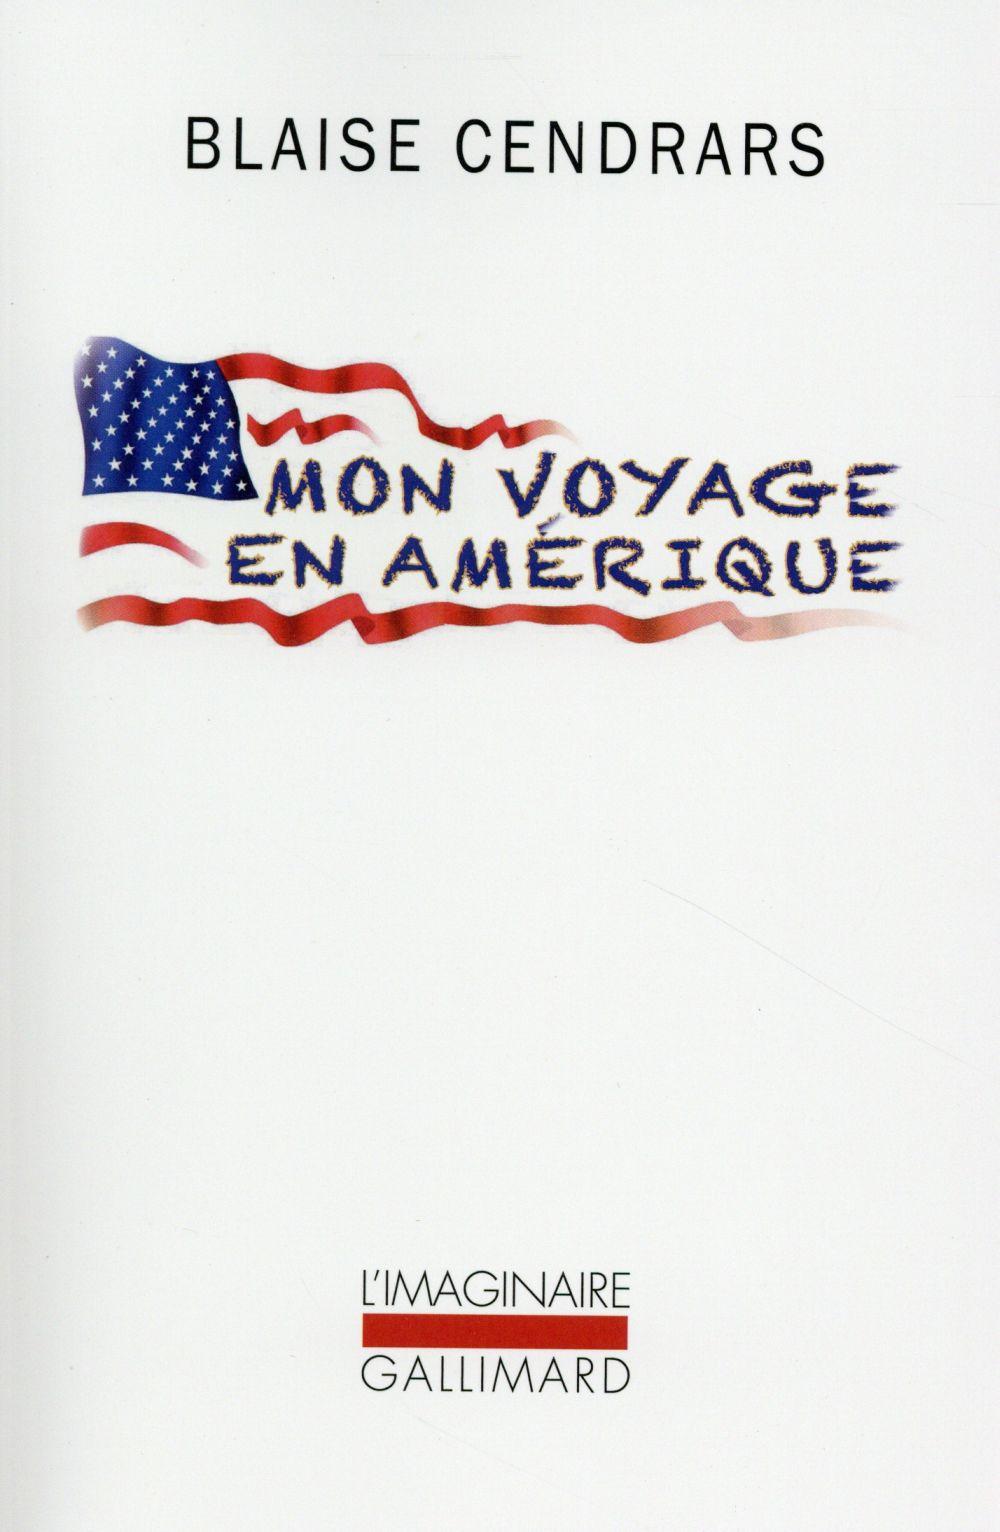 Mon voyage en Amérique